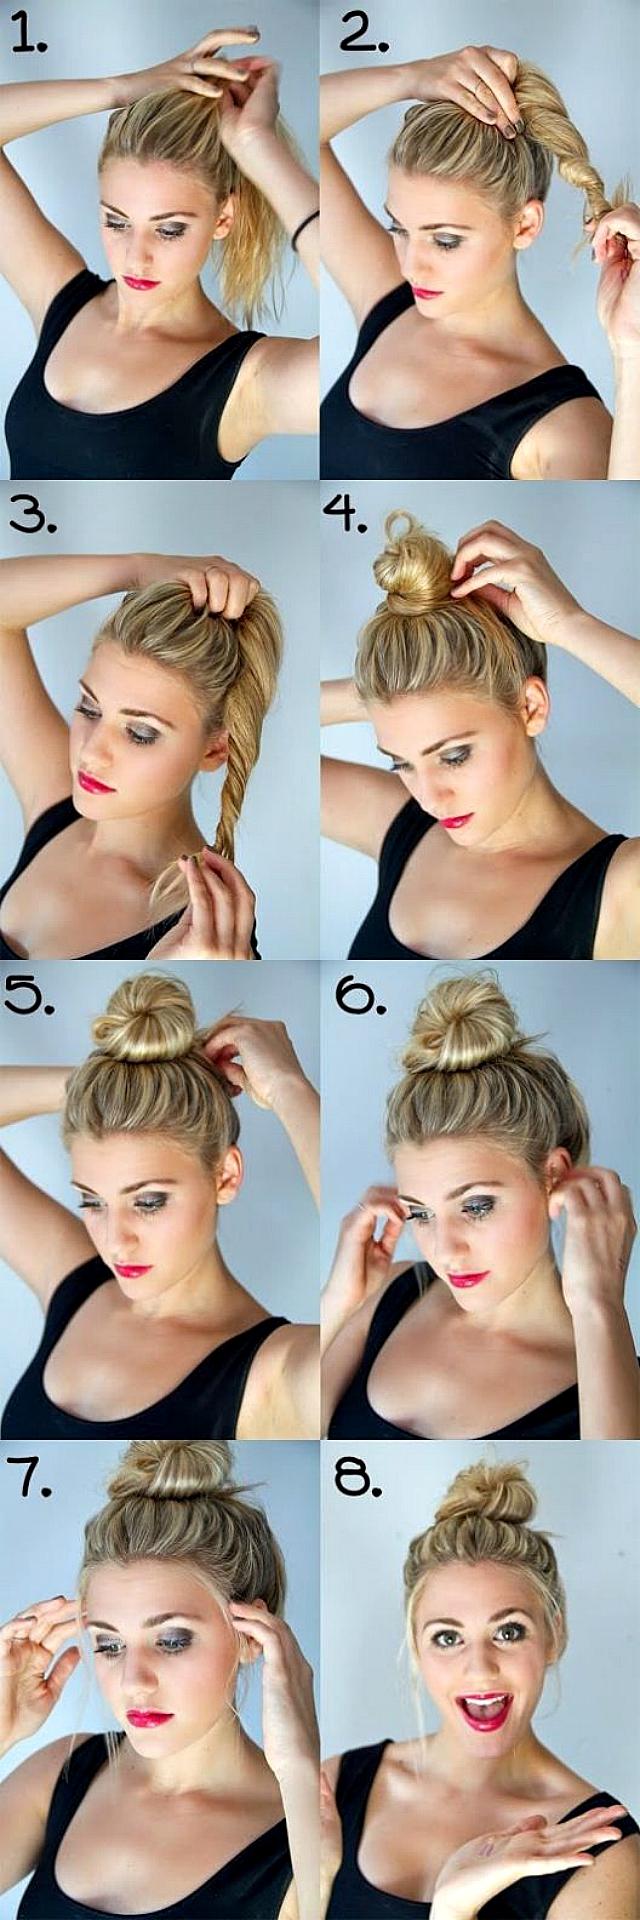 Как сделать причёску пучок для коротких волос